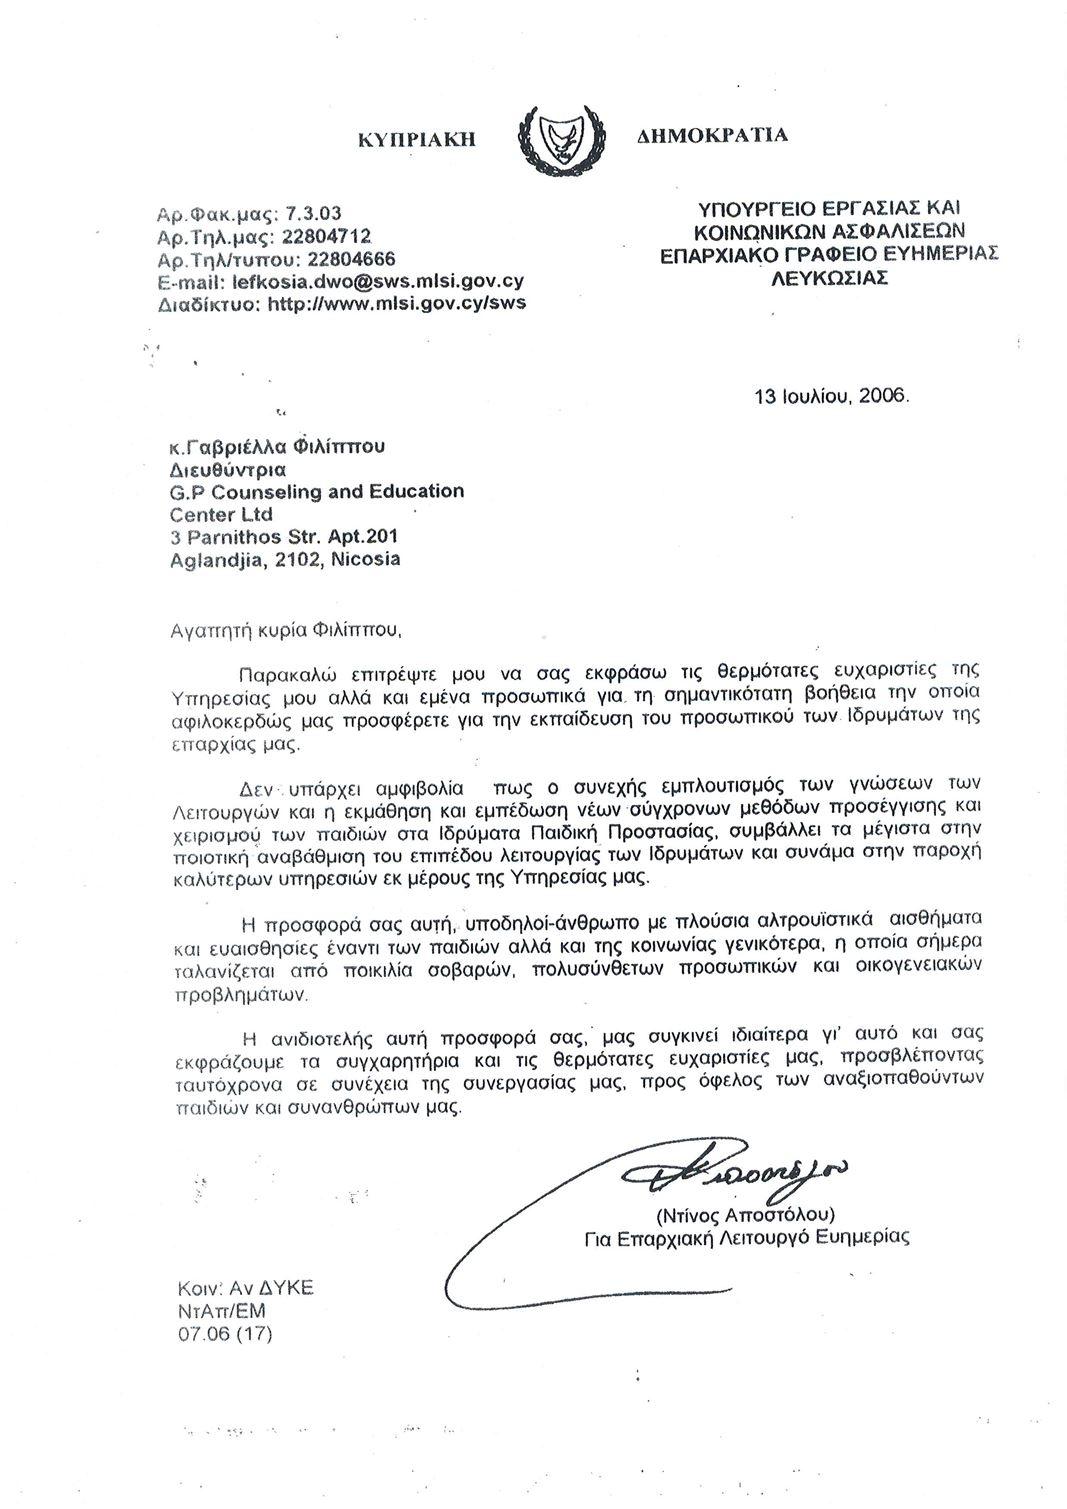 2006 - Υπουργείο Εργασίας